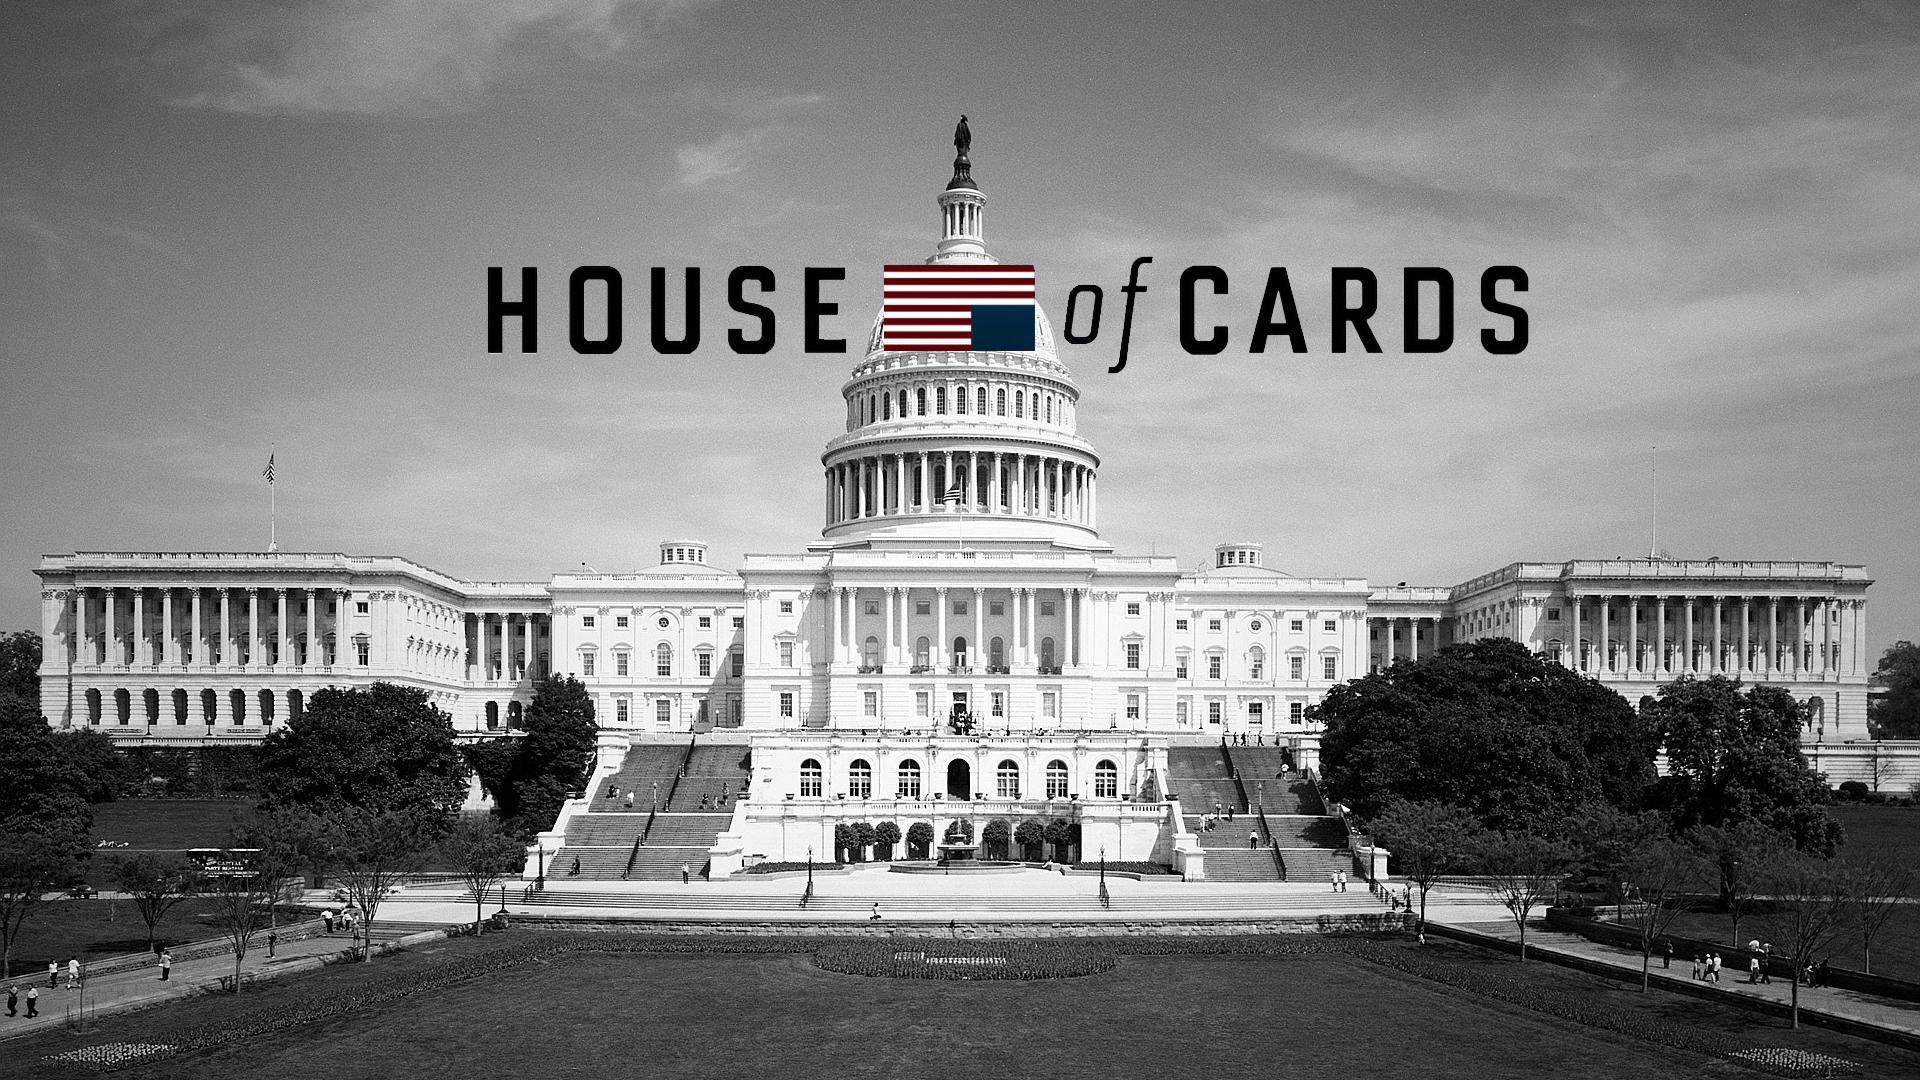 House of Cards ( i.imgur.com )